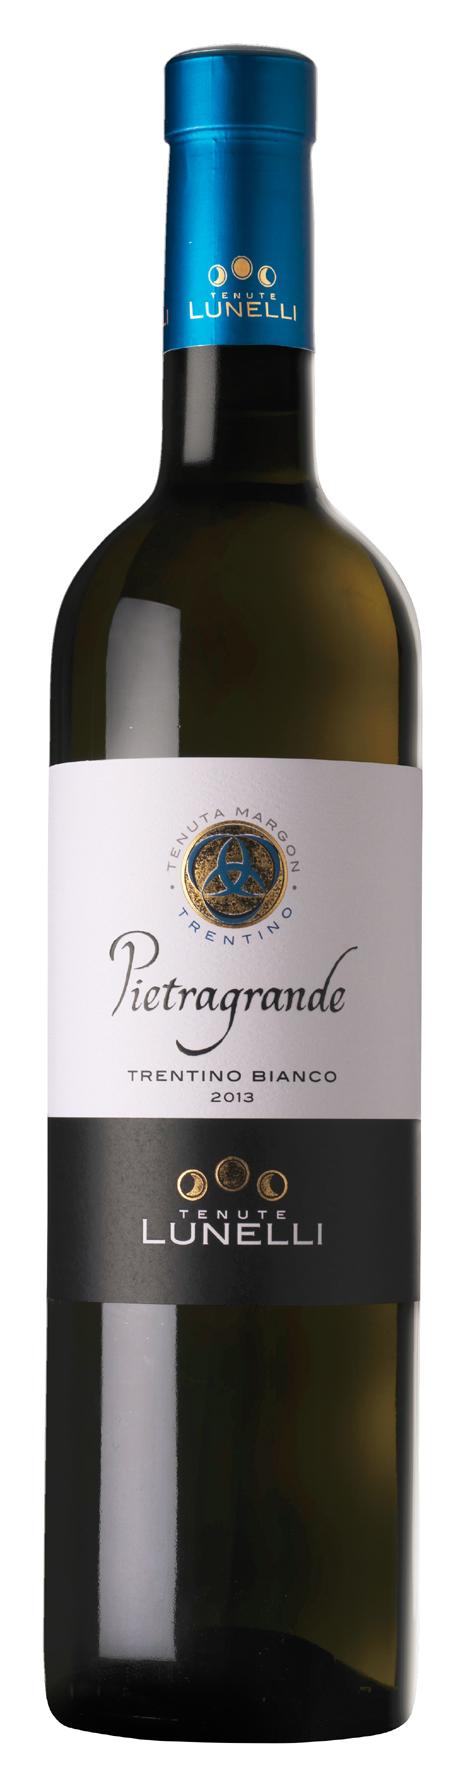 Pietragrande Trentino Bianco DOC 2015 AZIENDA LUNELLI